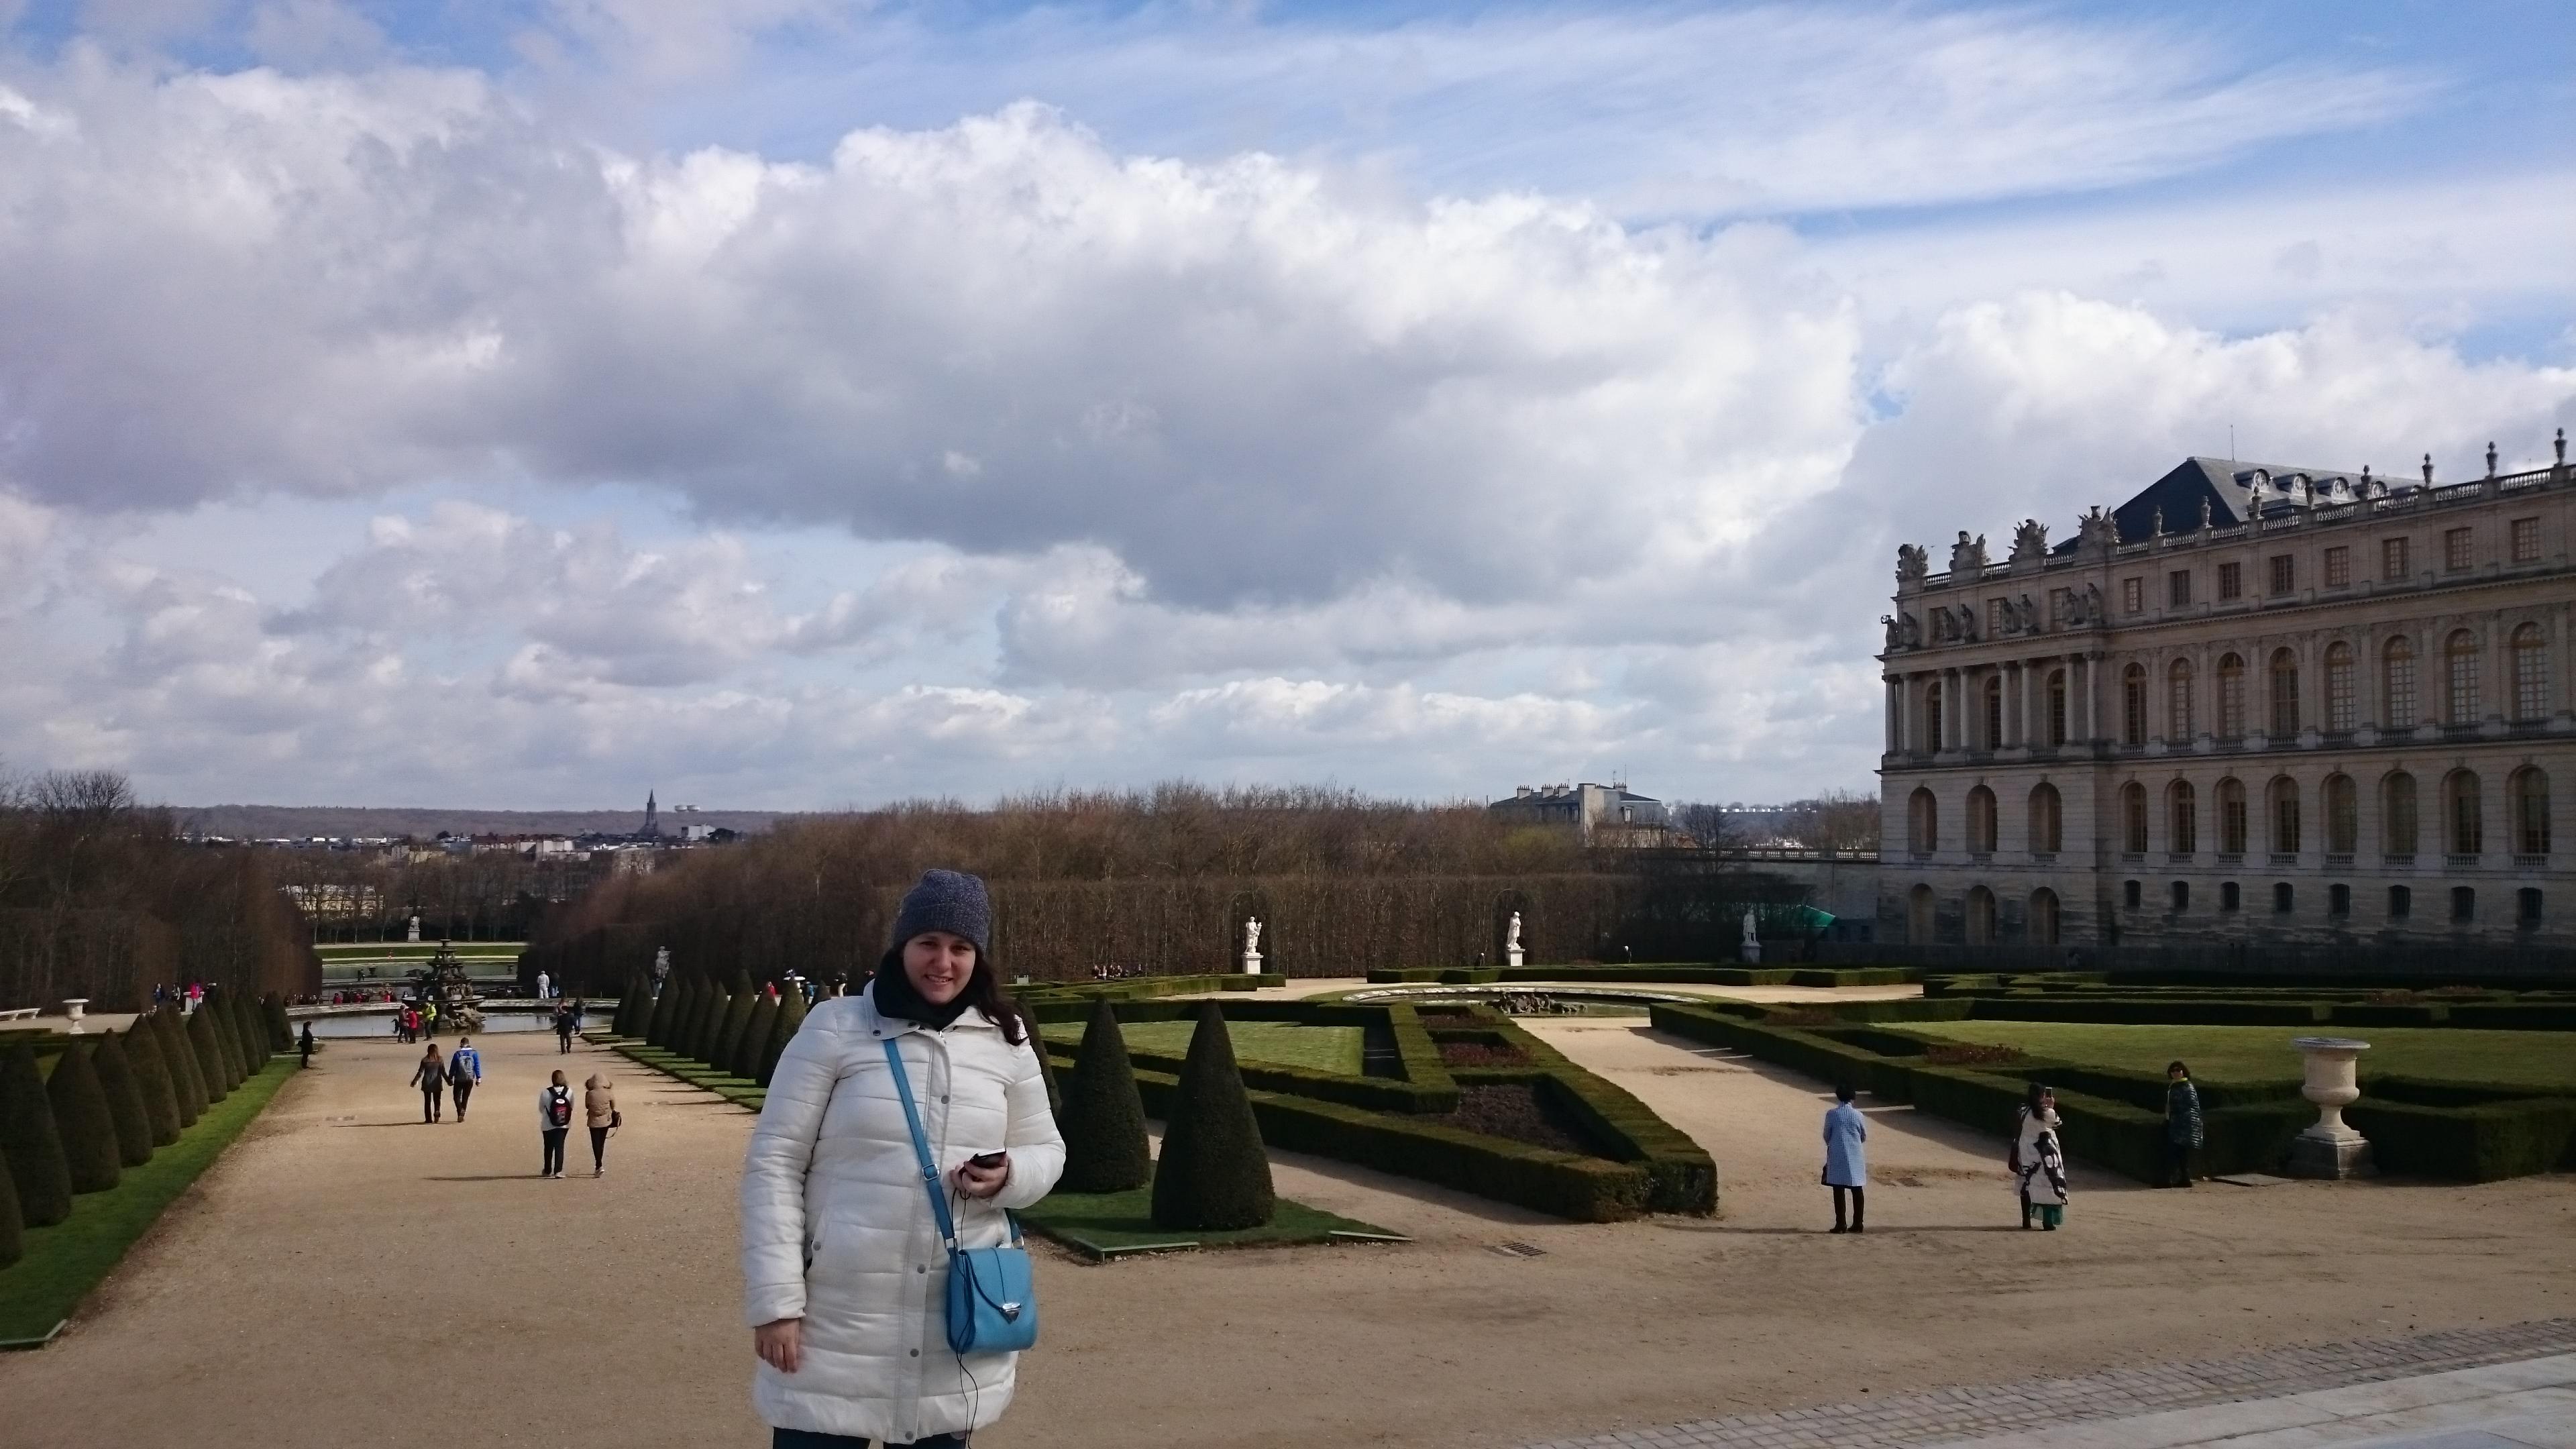 dsc 1154 copia - Visita al Palacio de Versalles: Como ir, cuanto cuesta y tips I/III